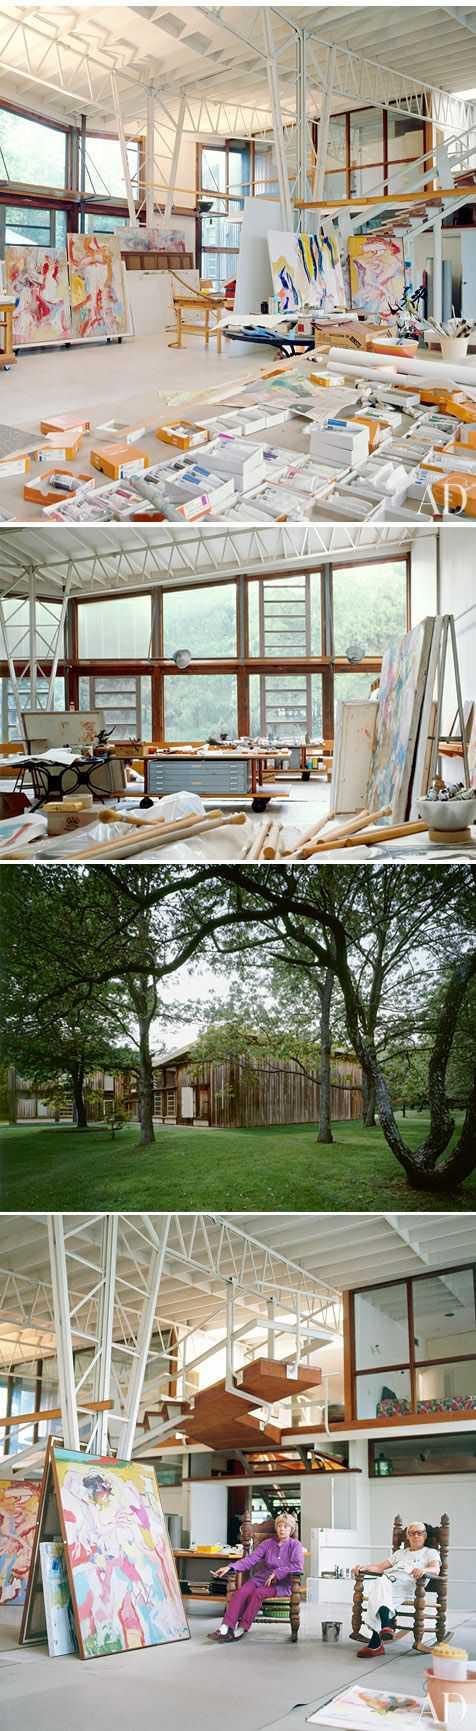 f422ee4b1f63a8d7ff68dfb2adaa38d1 Incríveis espaços de trabalho para artistas